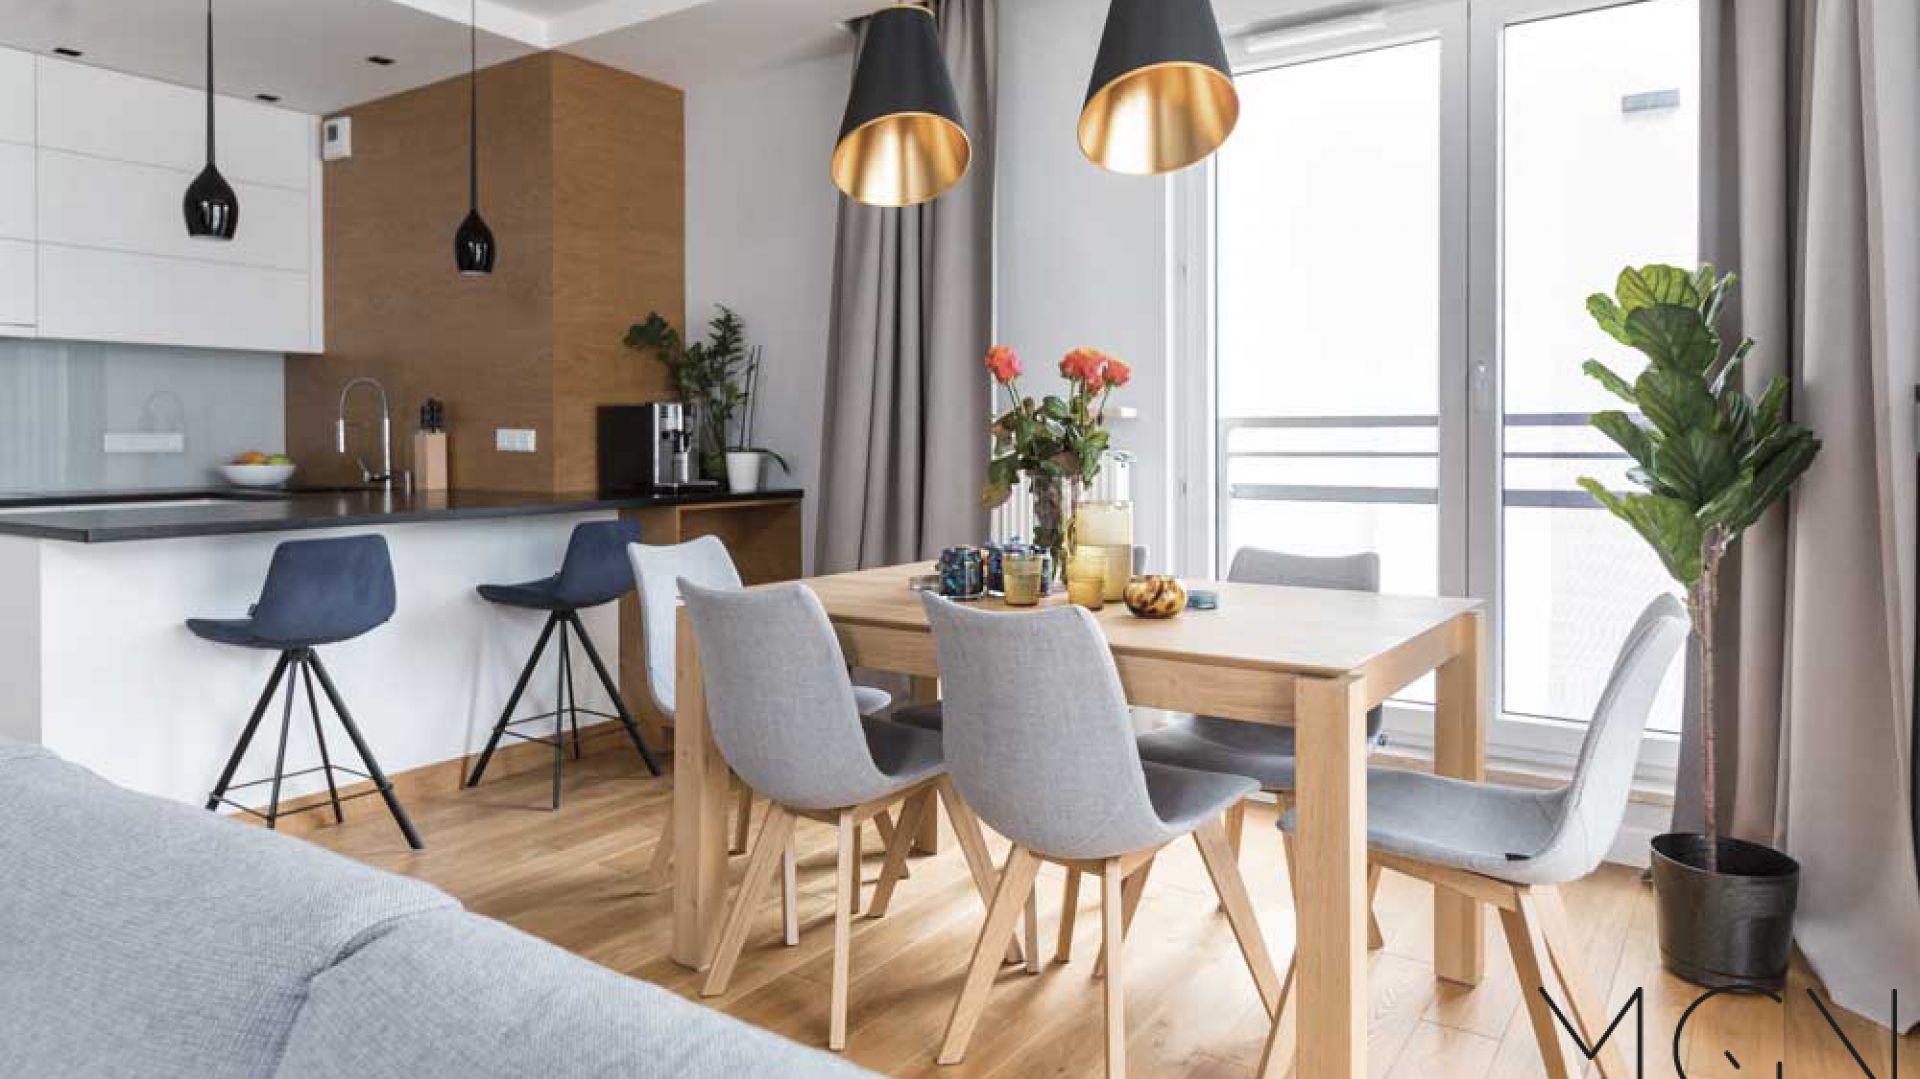 Praktycznym rozwiązaniem jst ustawiene na granicy kuchni i salonu stołu jadalnianego. Fot. Pracownia Architektoniczna MGN